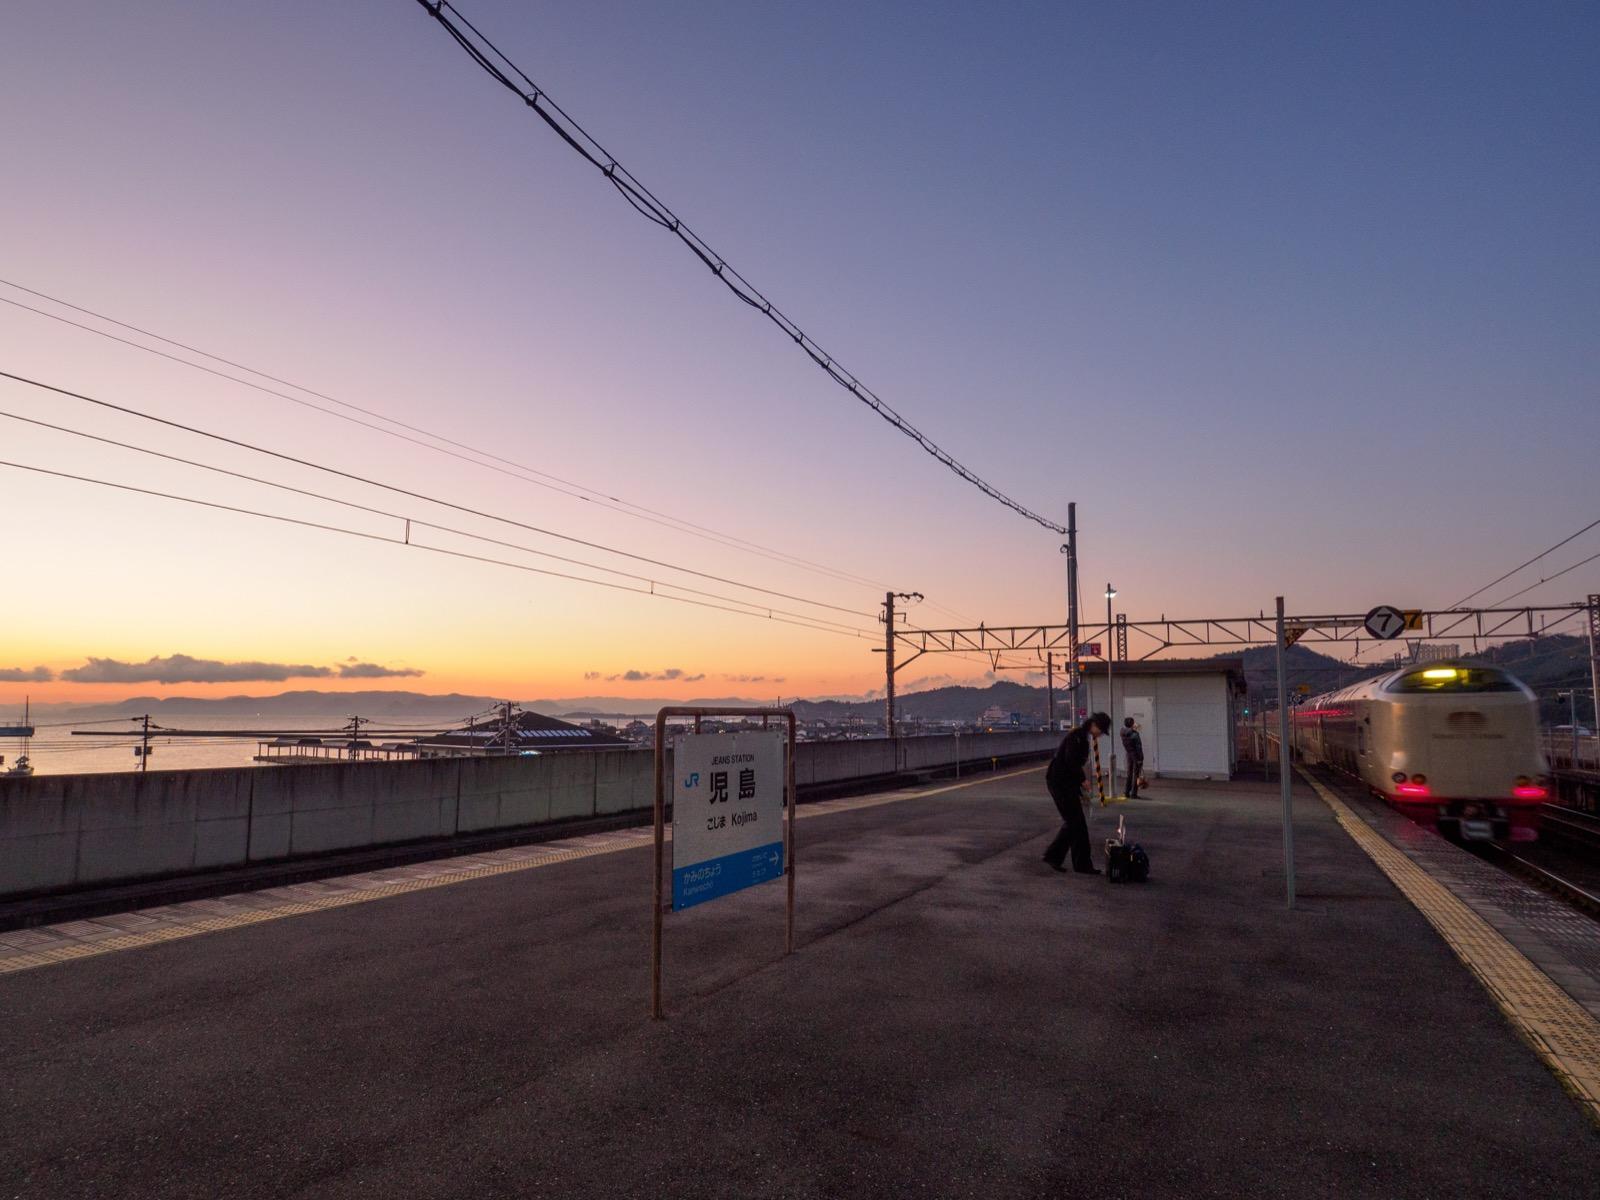 児島駅を出る寝台特急「サンライズ瀬戸」